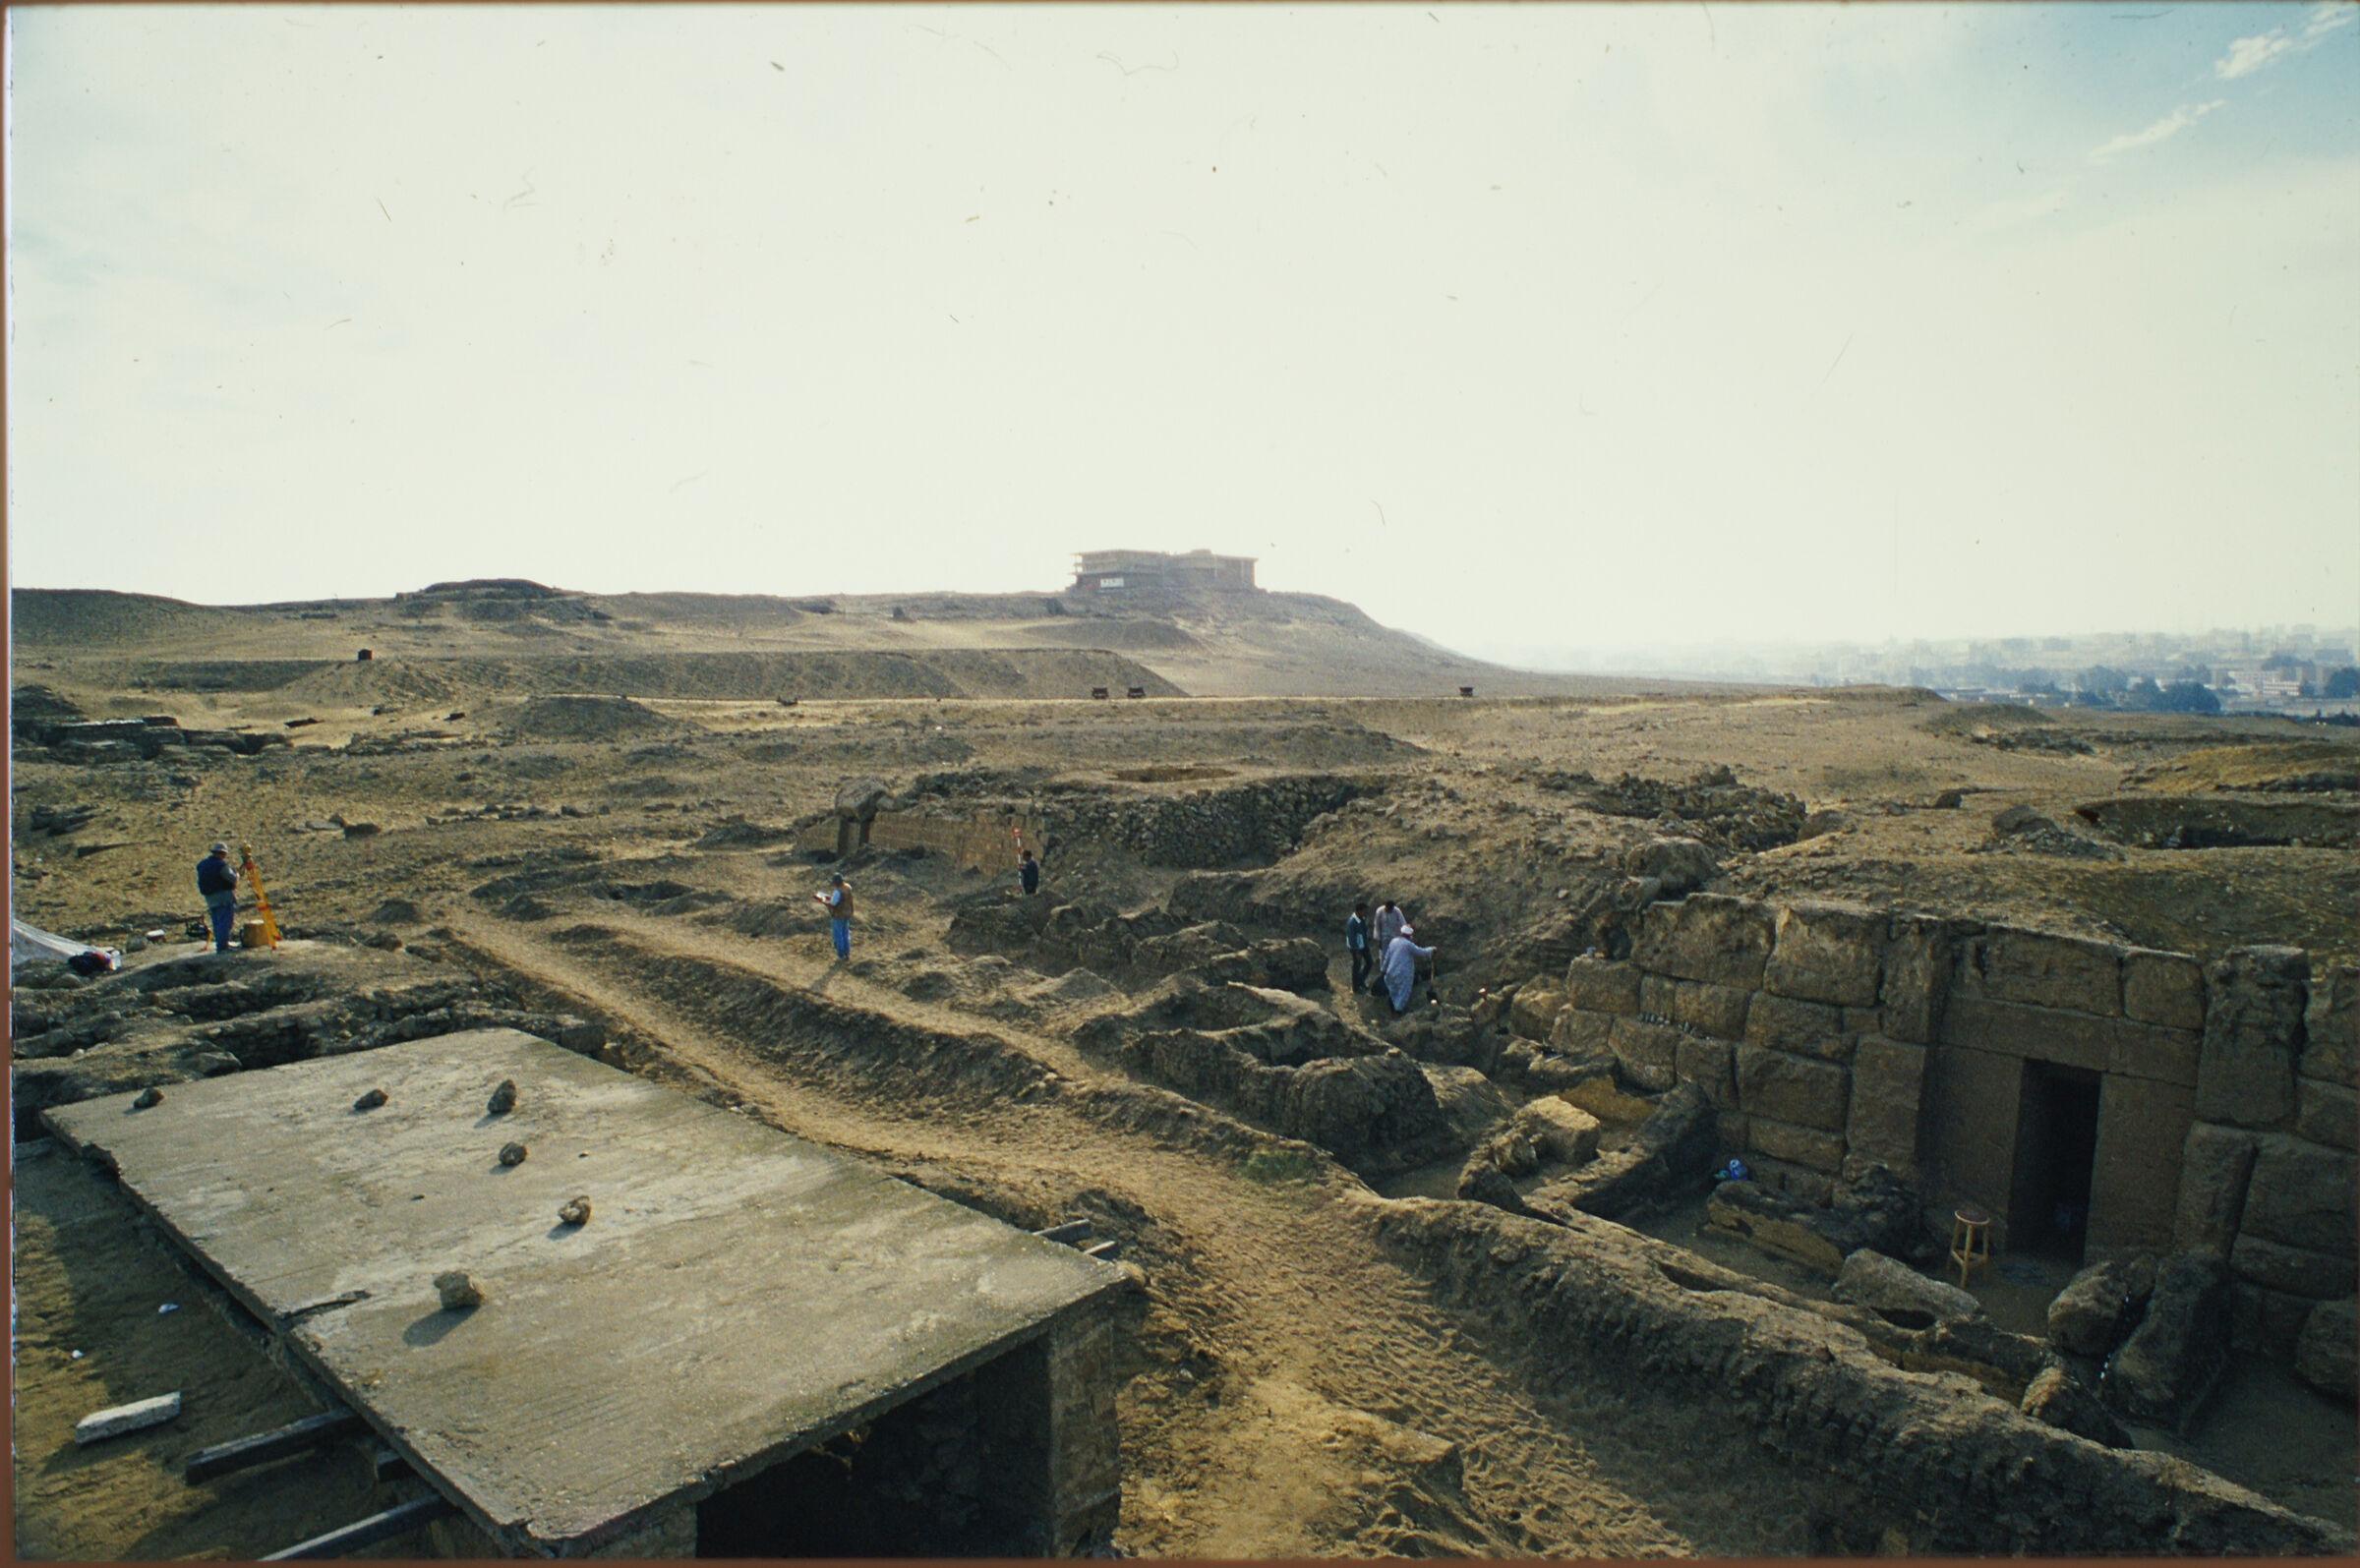 Abu Bakr Cemetery: Site: Giza; View: Lepsius 19; Mastaba X (ABC); Lepsius 20-21; ABC 2; ABC 3; ABC 4; ABC 7; ABC 8; ABC 9; ABC 10; ABC 11; ABC 12; ABC 13; ABC 14; ABC 15; ABC 16; ABC 17; ABC 18; ABC 19